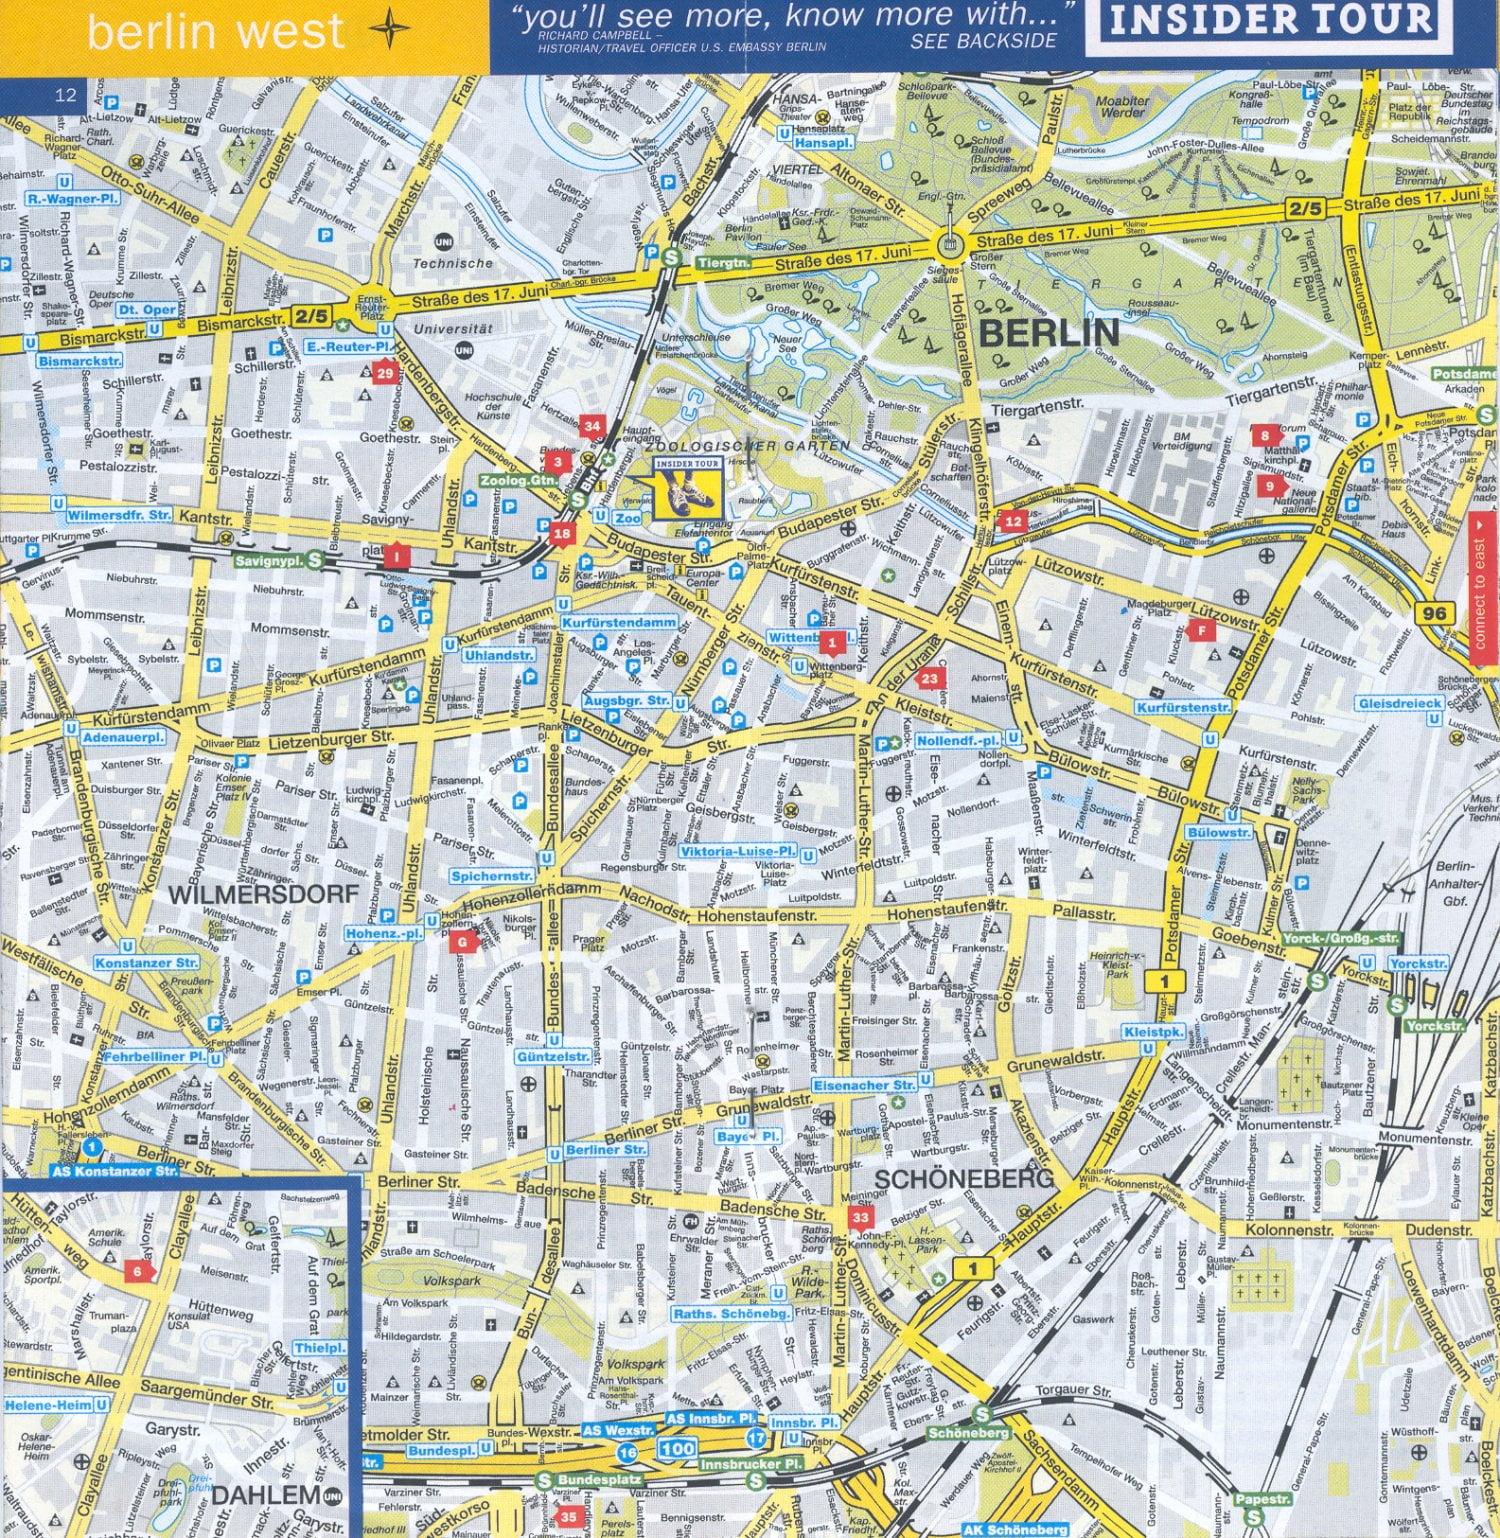 Mapa turstico de Berln